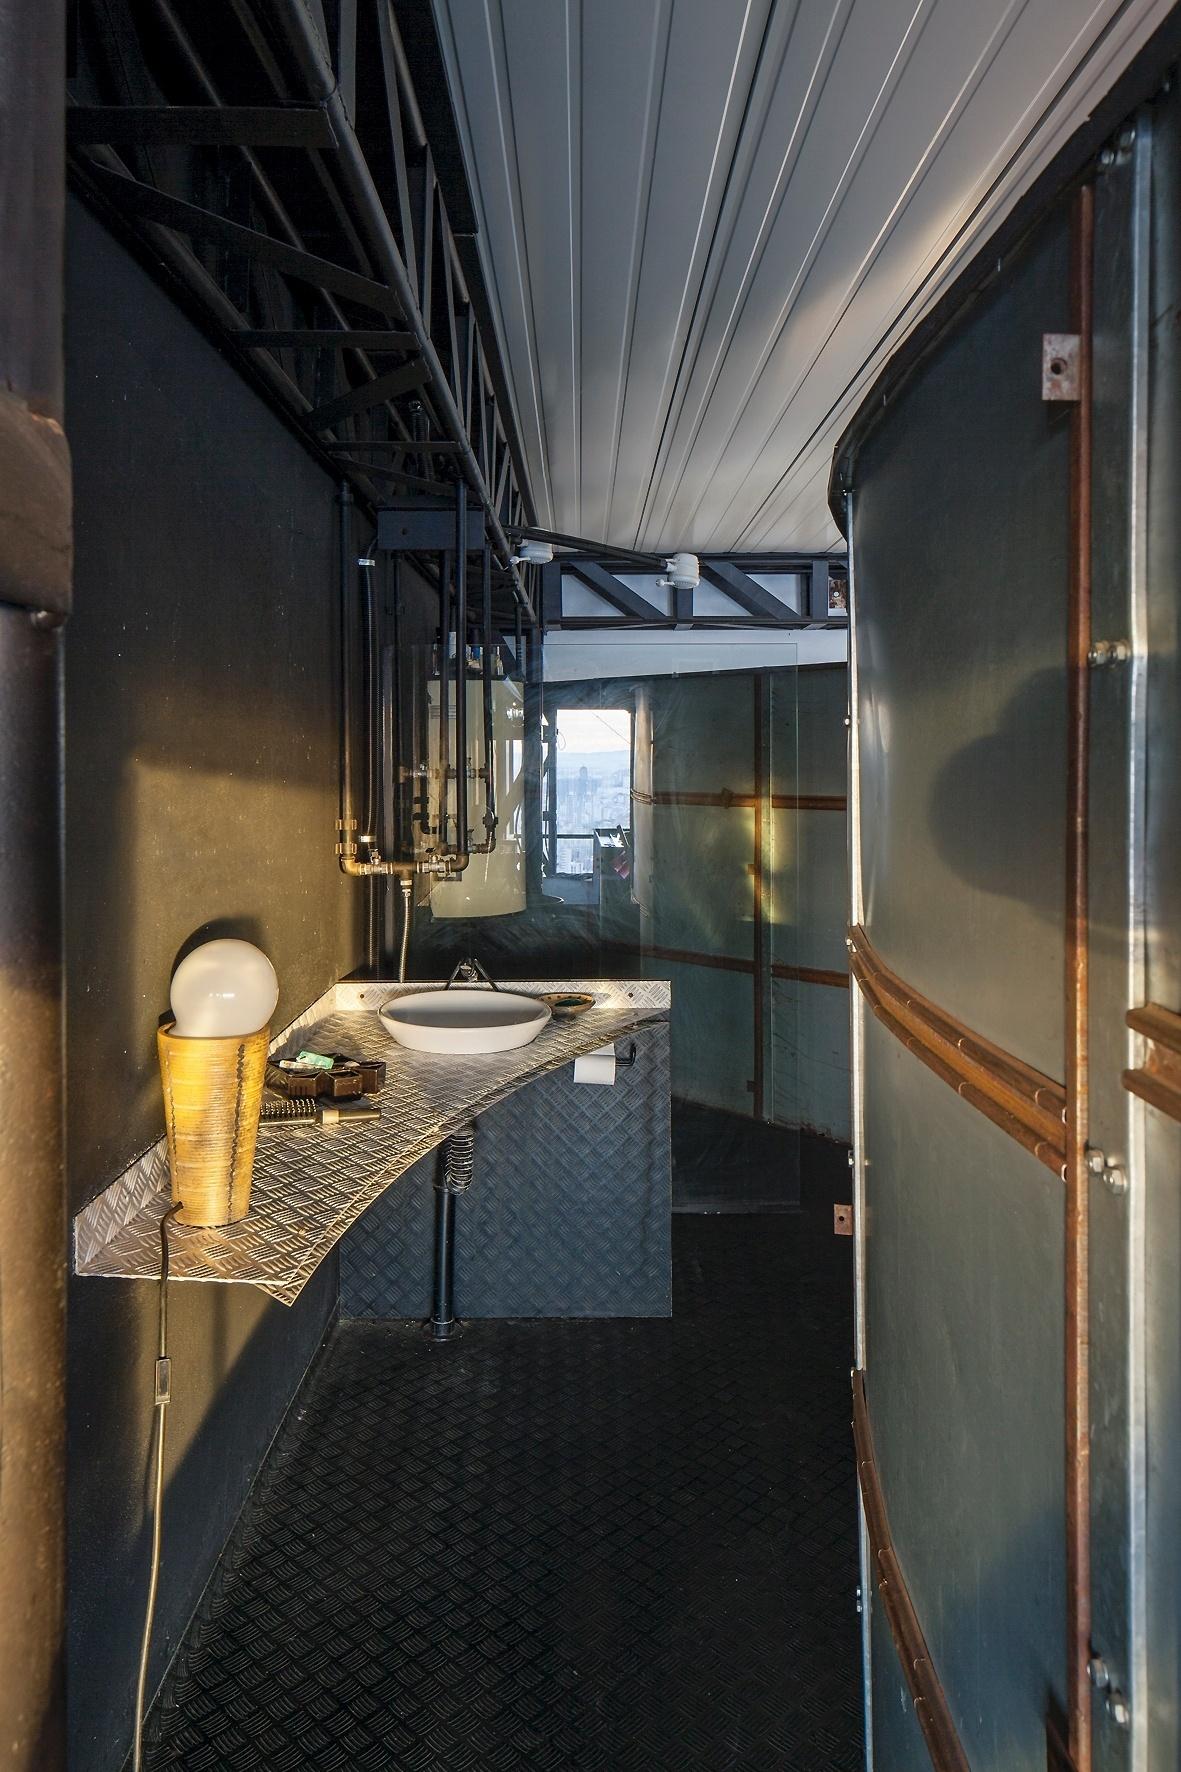 O banheiro do casal utiliza materiais de demolição, como o piso em chapas de aço revestidas com borracha, paredes metálicas a partir de embalagens usadas e bancada da pia em alumínio. A casa Mangabeiras foi projetada pelo arquiteto Allen Roscoe